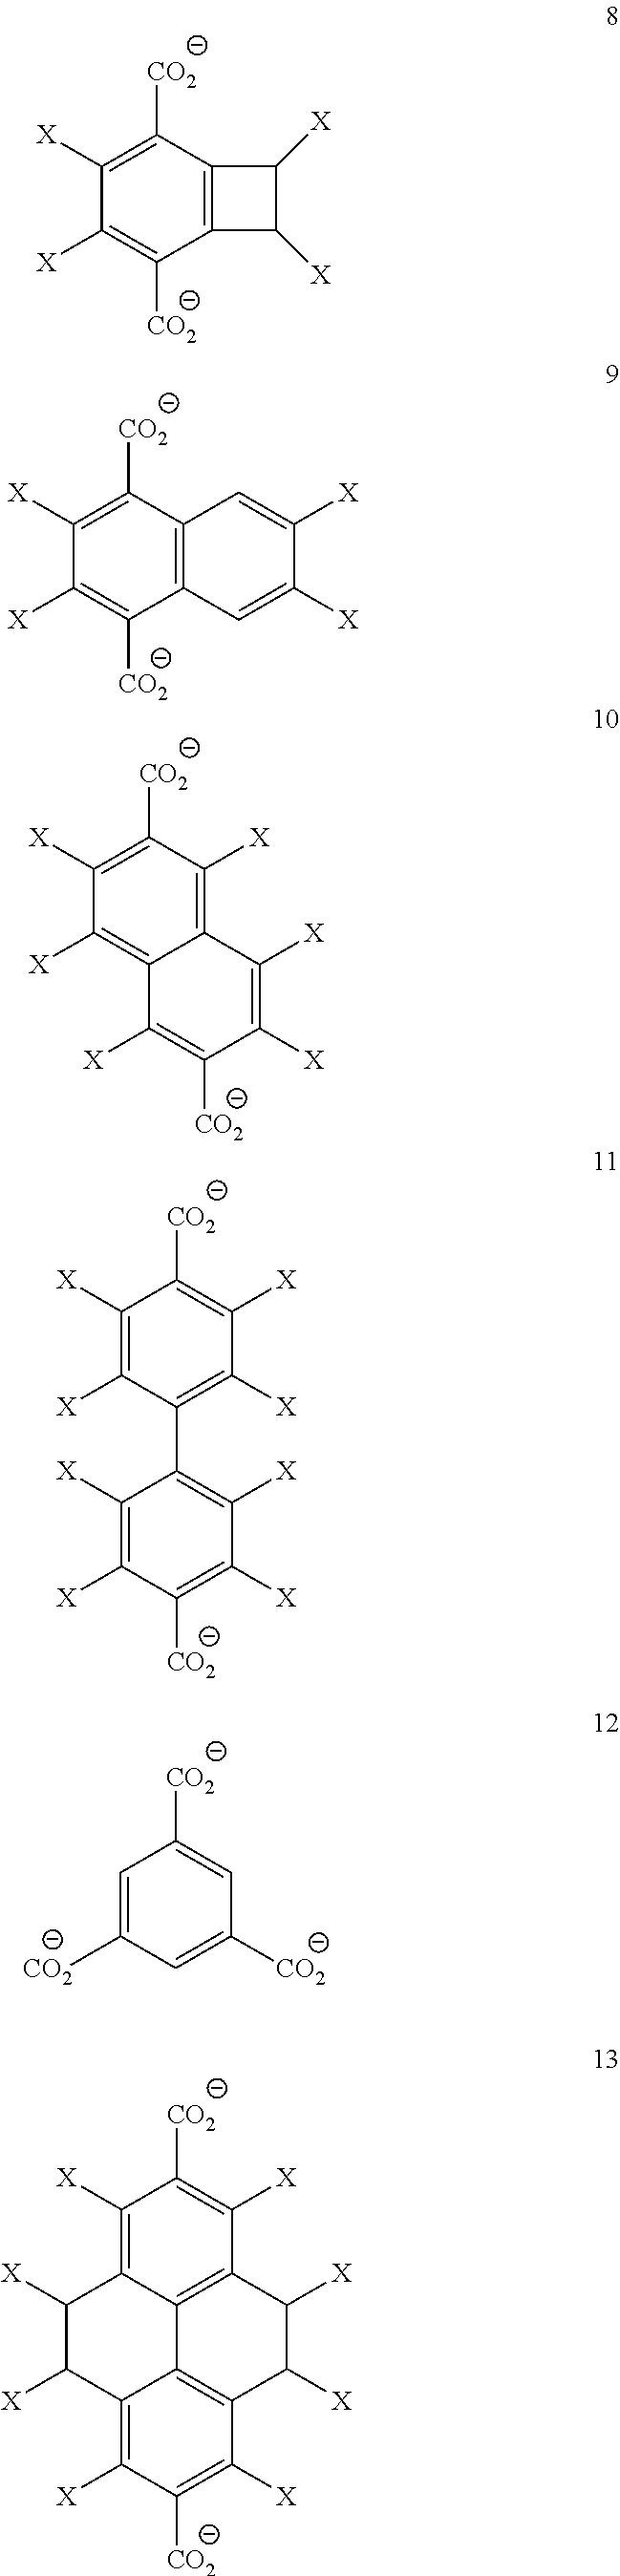 Figure US09630163-20170425-C00002